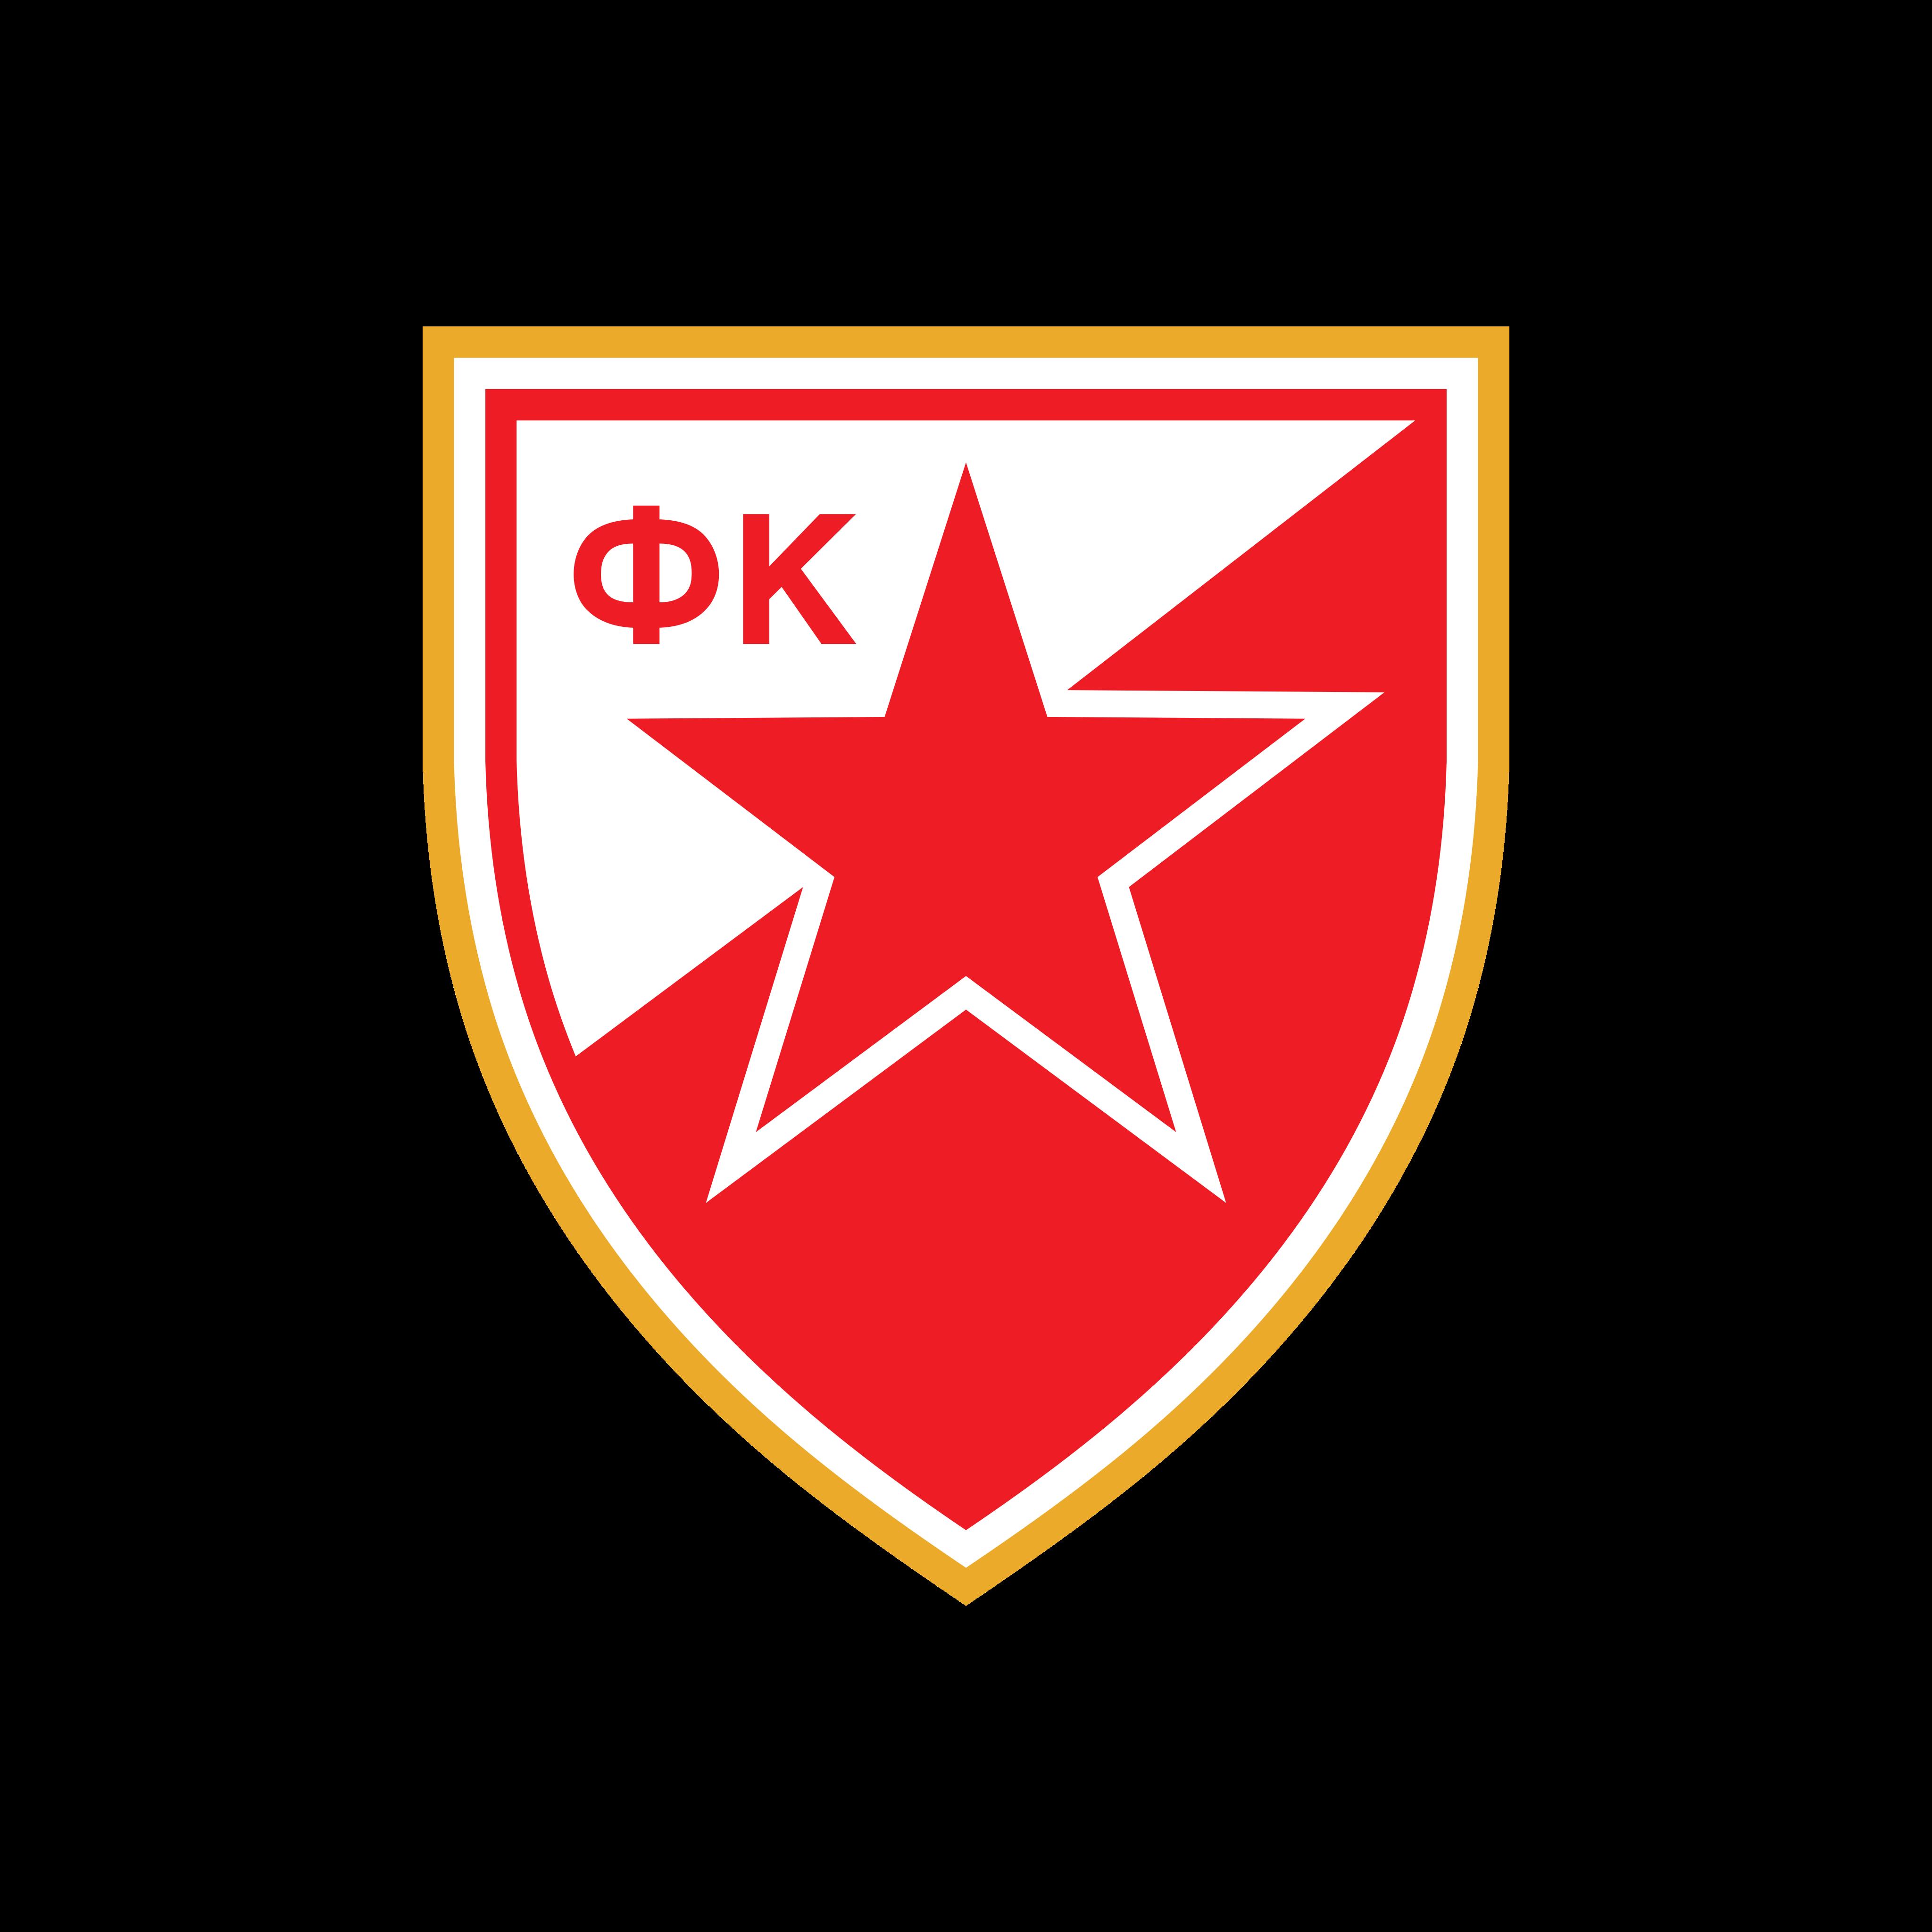 crvena zvezda logo 0 - FK Crvena zvezda - Red Star Belgrade - Logo